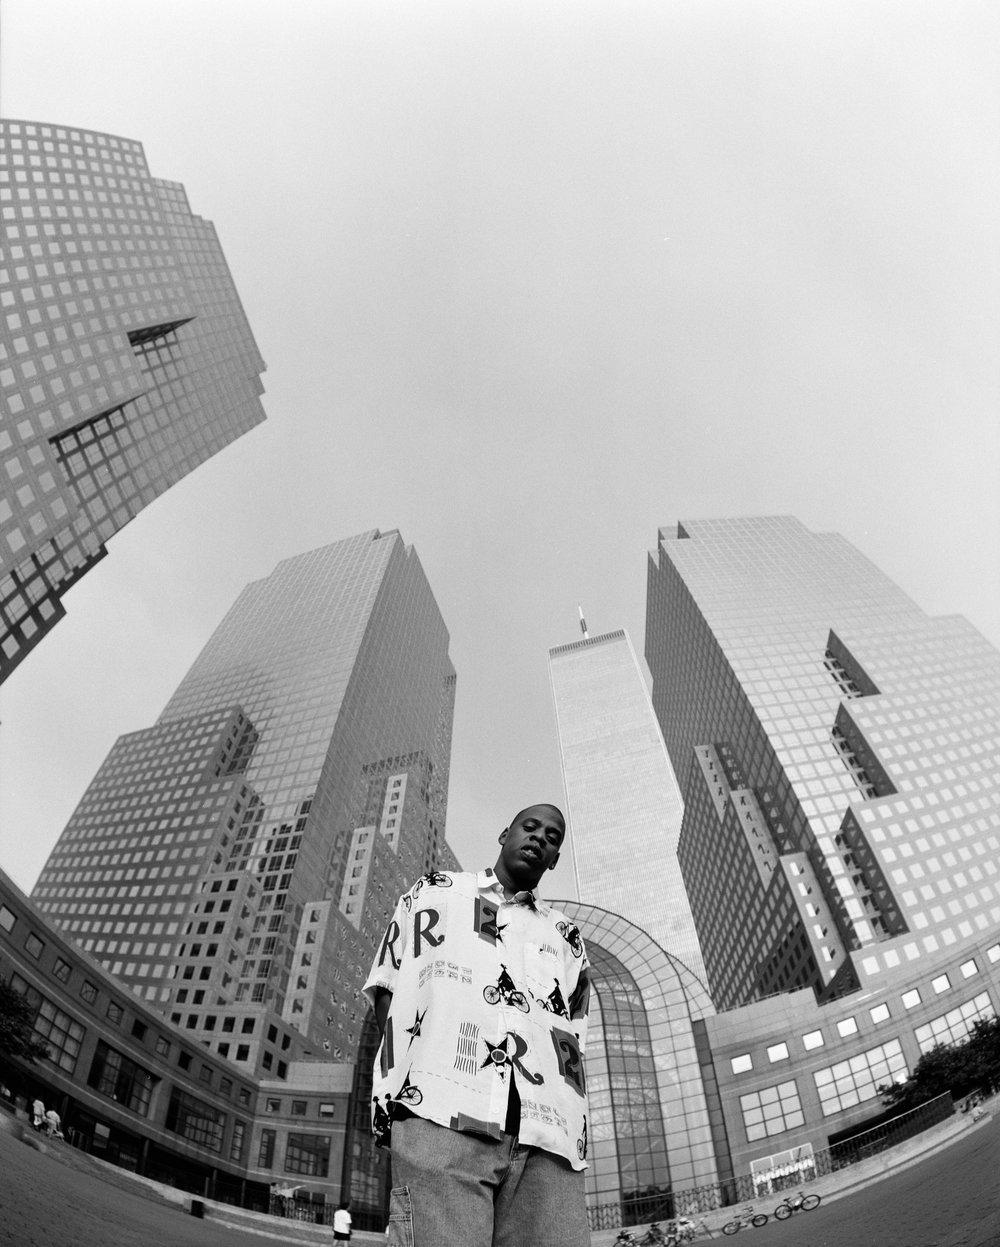 Jay-Z by Jamil GS, 1995